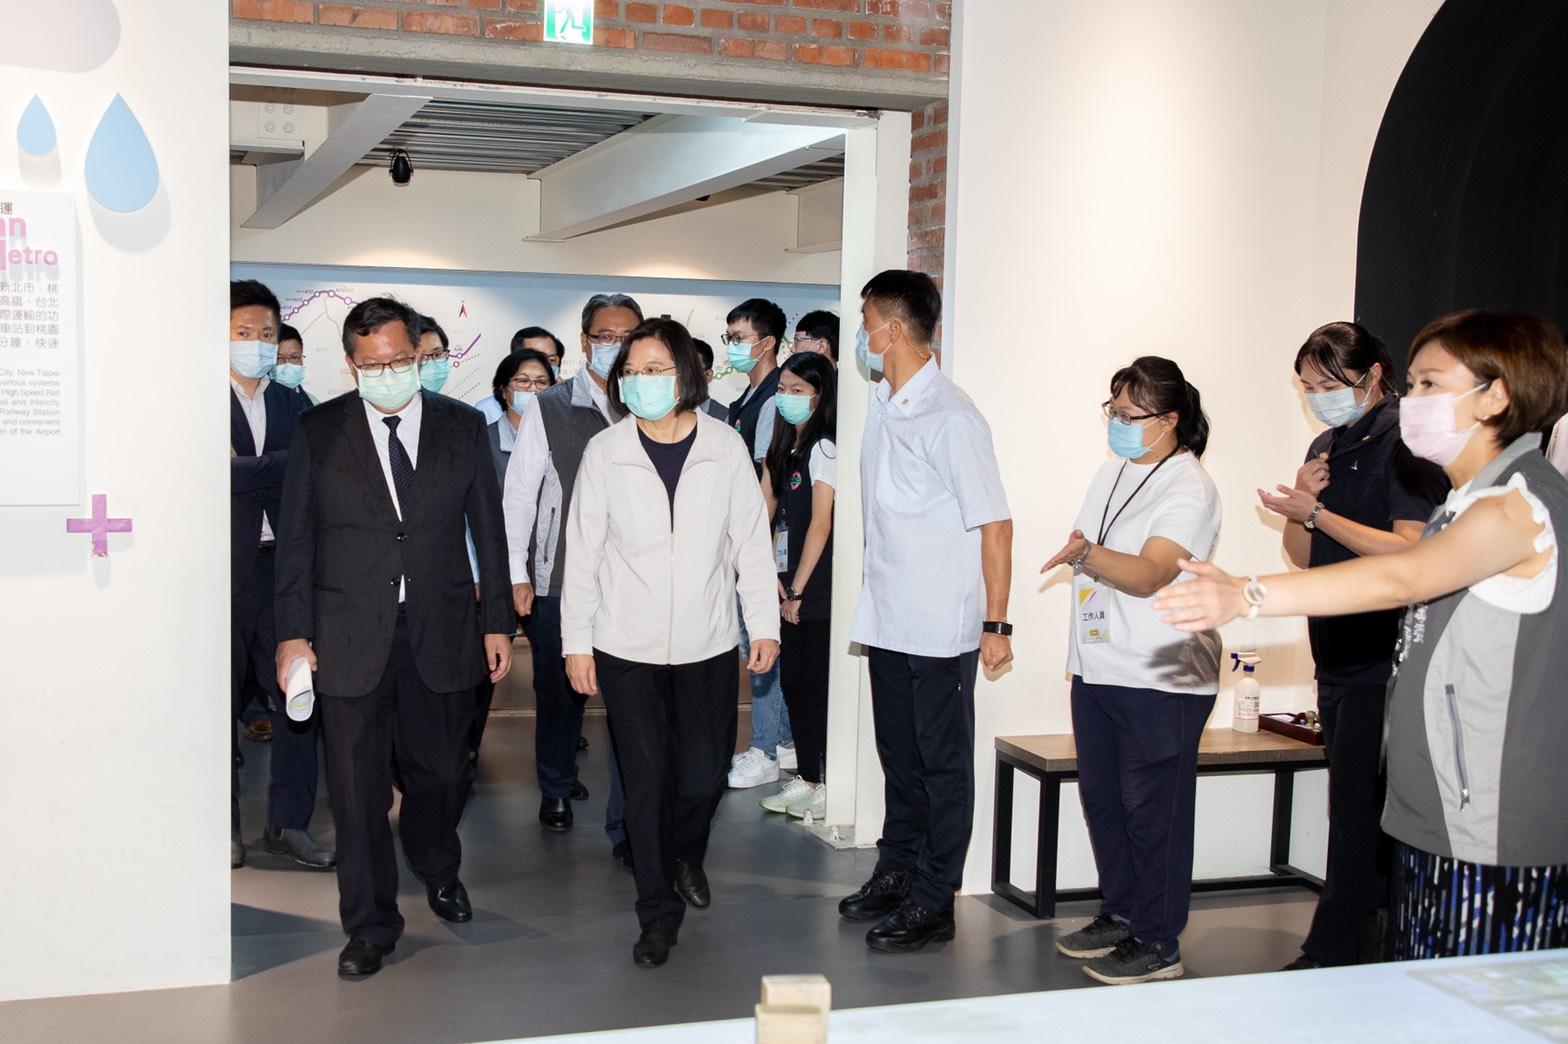 蔡總統參訪桃園軌道願景館-多媒體互動區